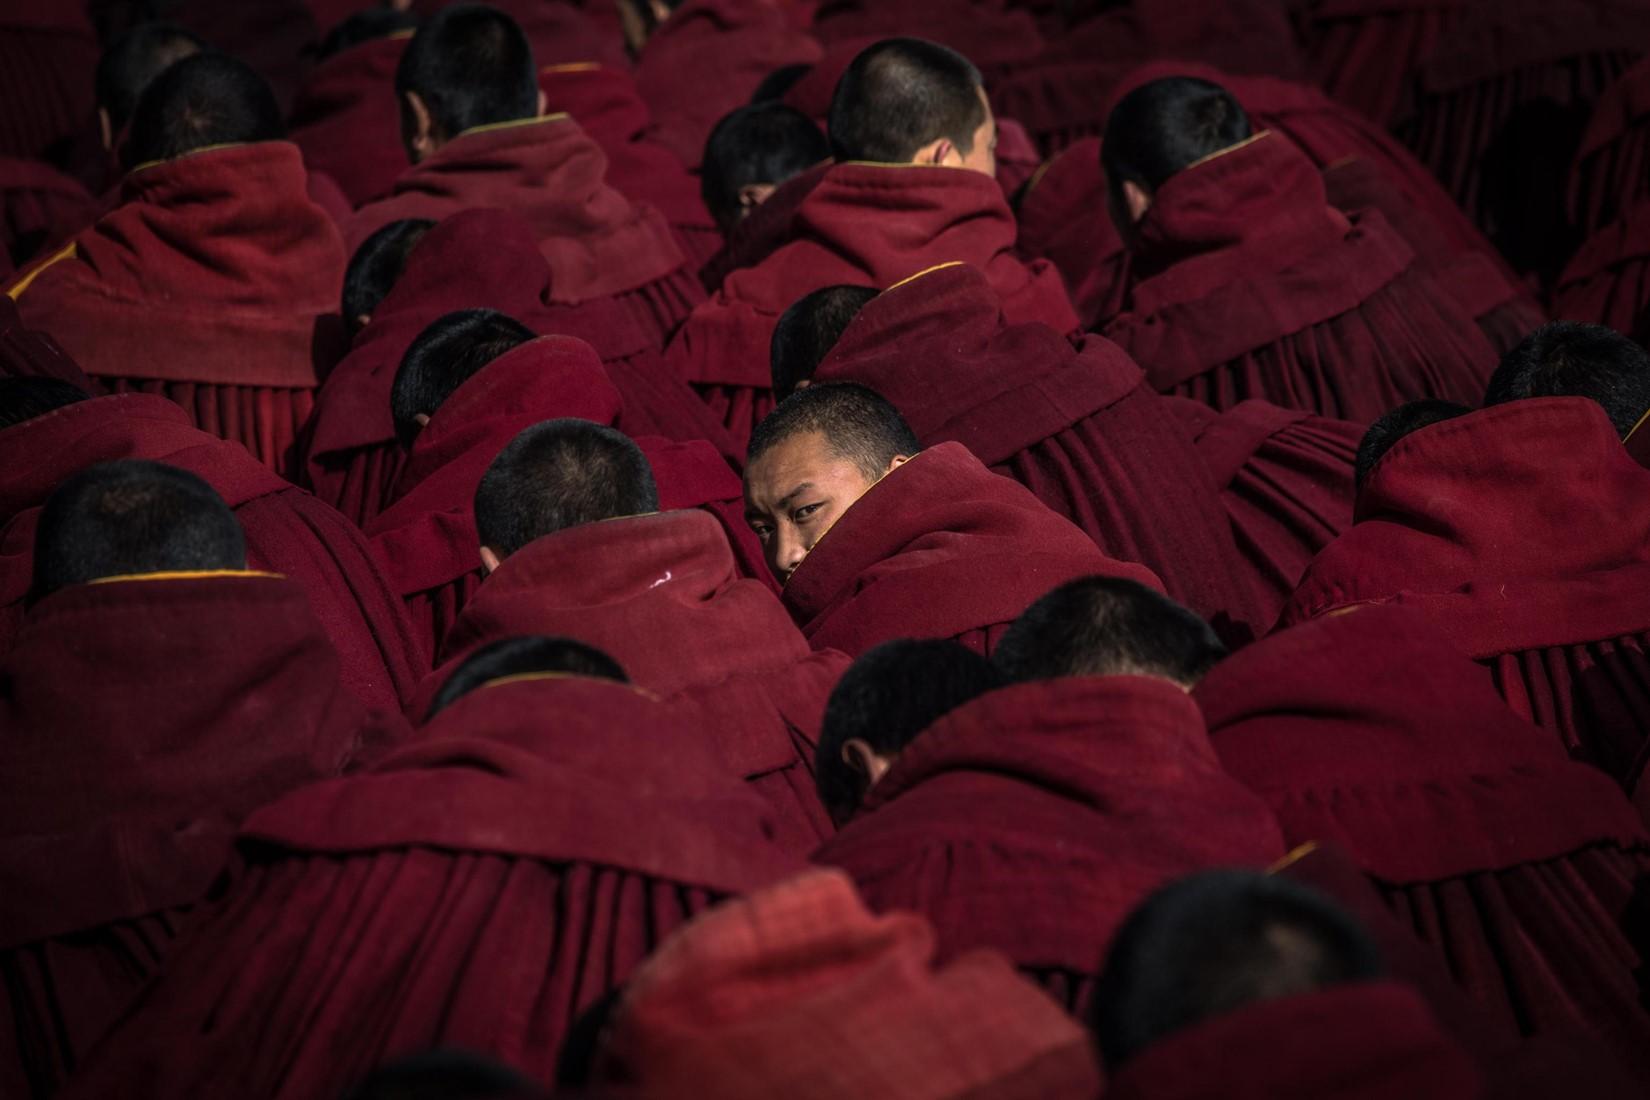 Dettaglio dei monaci buddisti, nei loro abiti tradizionali, mentre aspettano di pregare